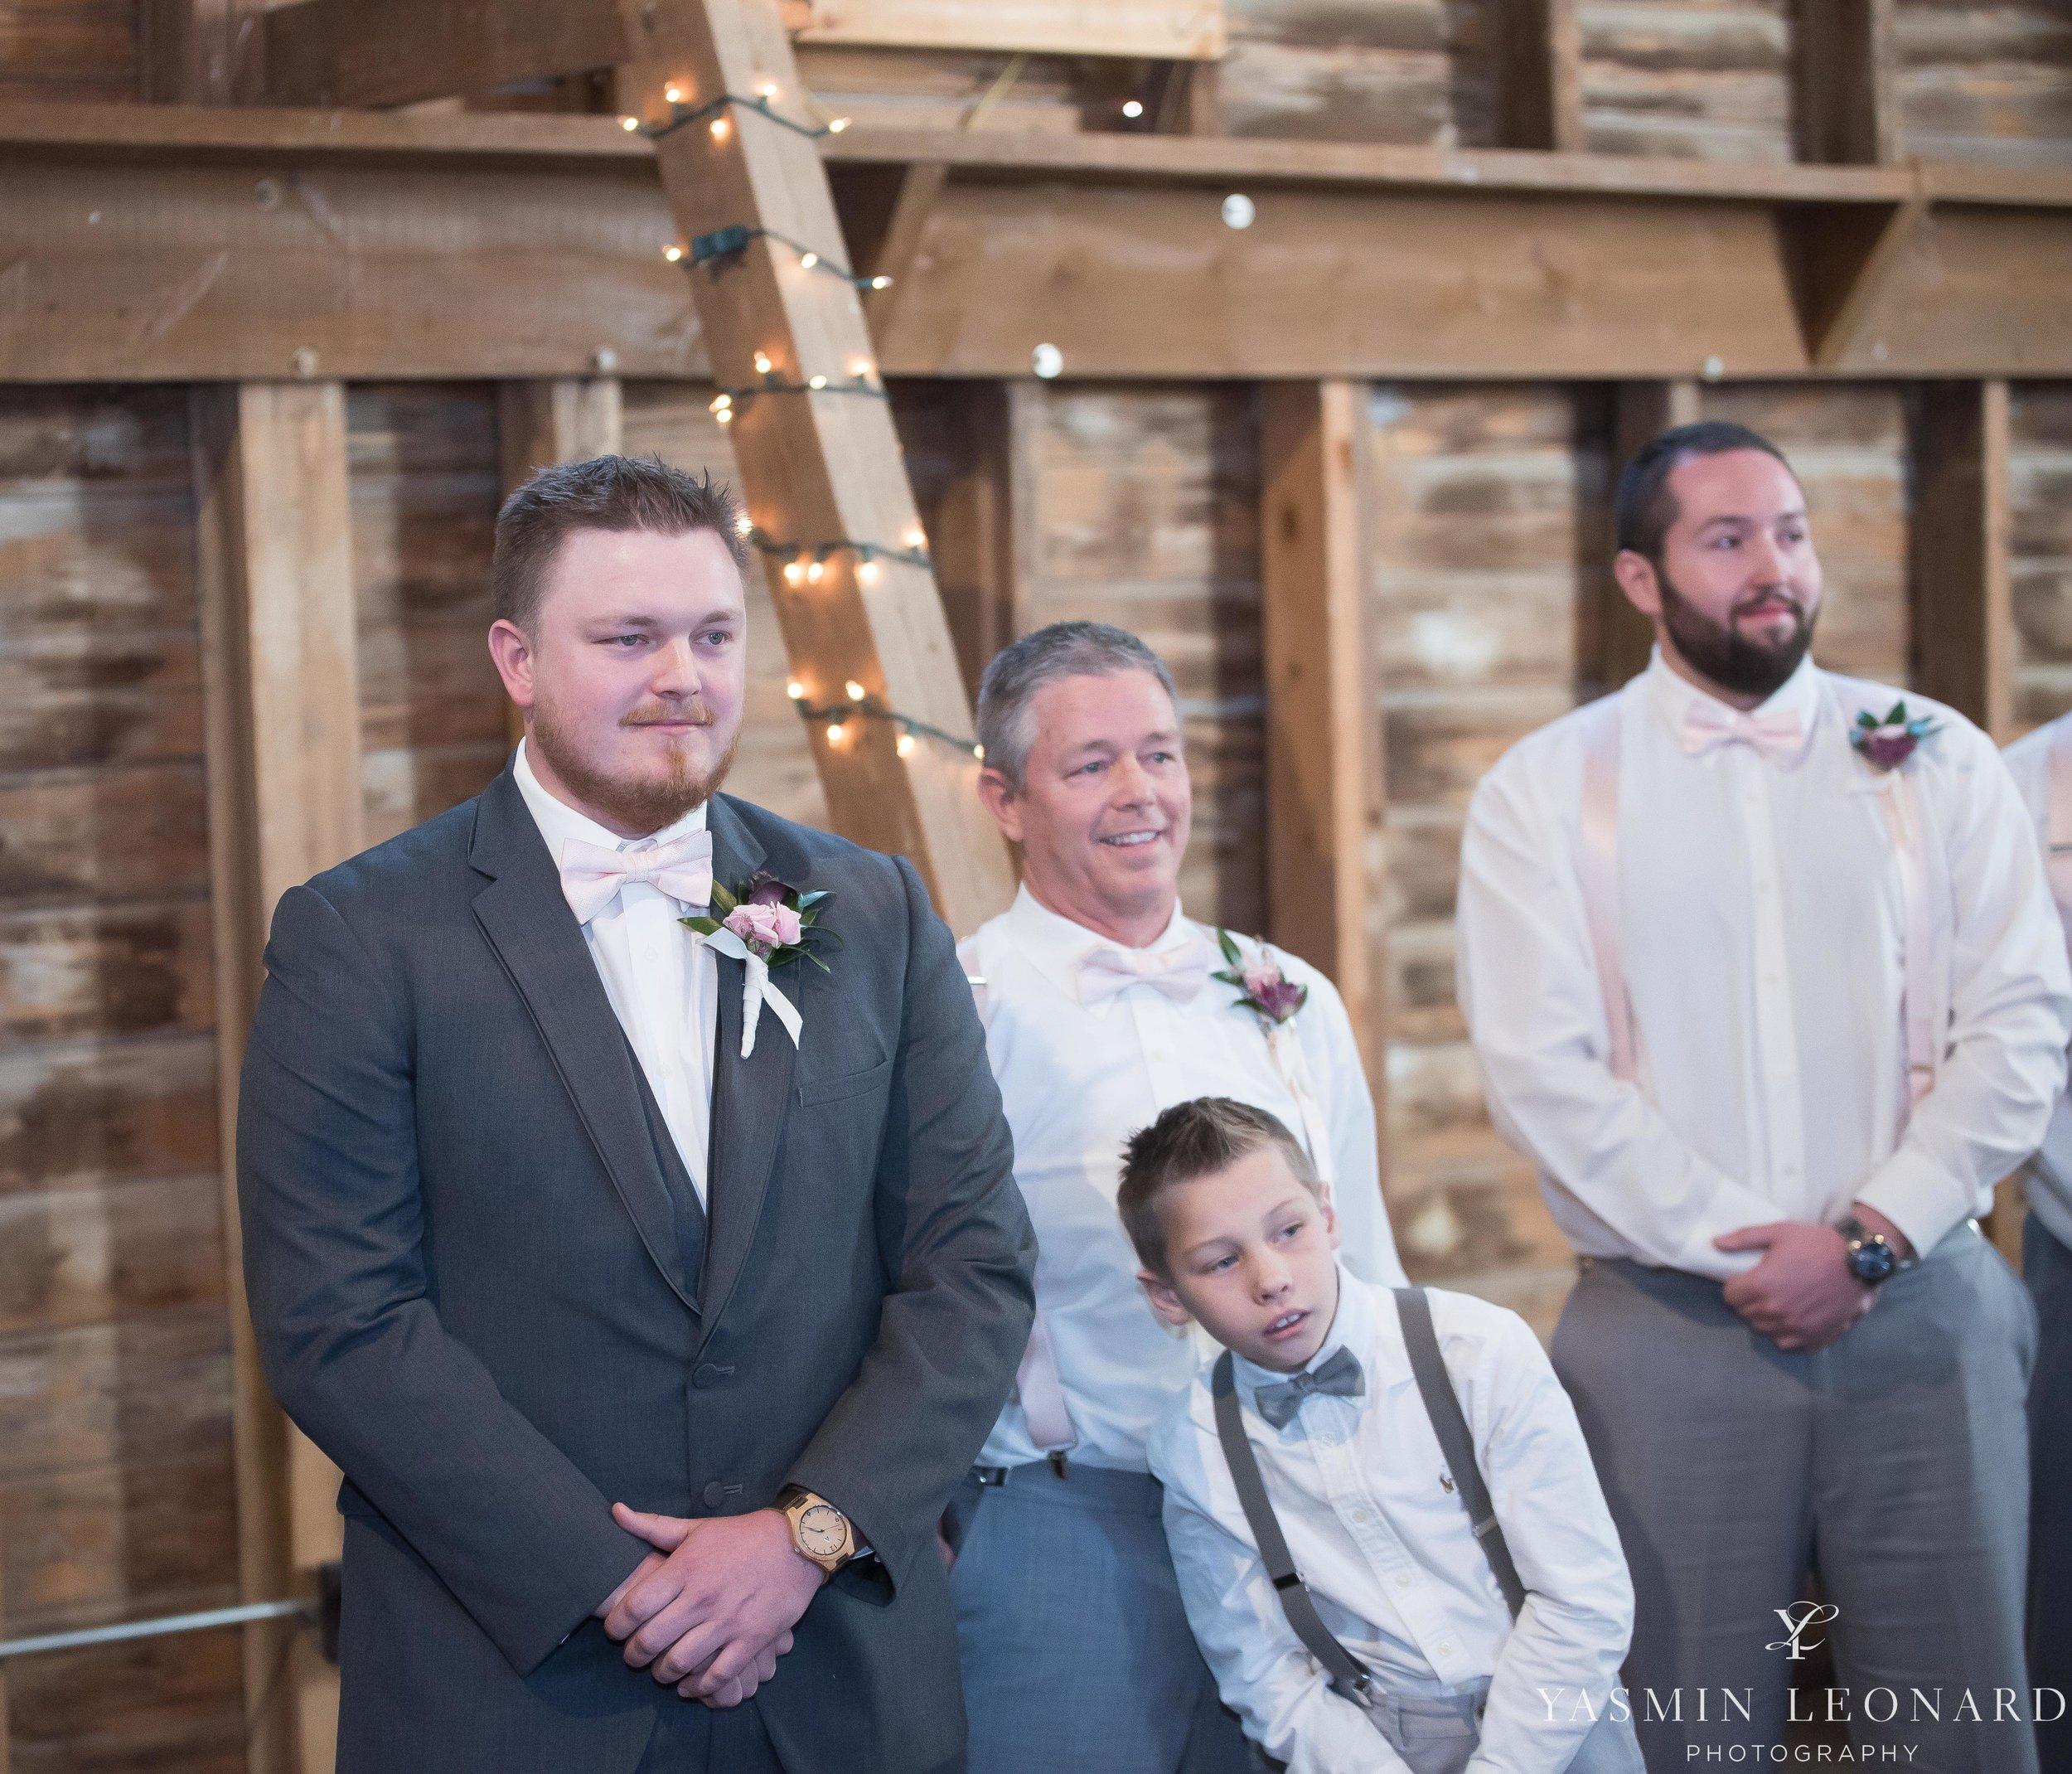 Millikan Farms - Millikan Farms Wedding - Sophia NC Wedding - NC Wedding - NC Wedding Photographer - Yasmin Leonard Photography - High Point Photographer - Barn Wedding - Wedding Venues in NC - Triad Wedding Photographer-40.jpg